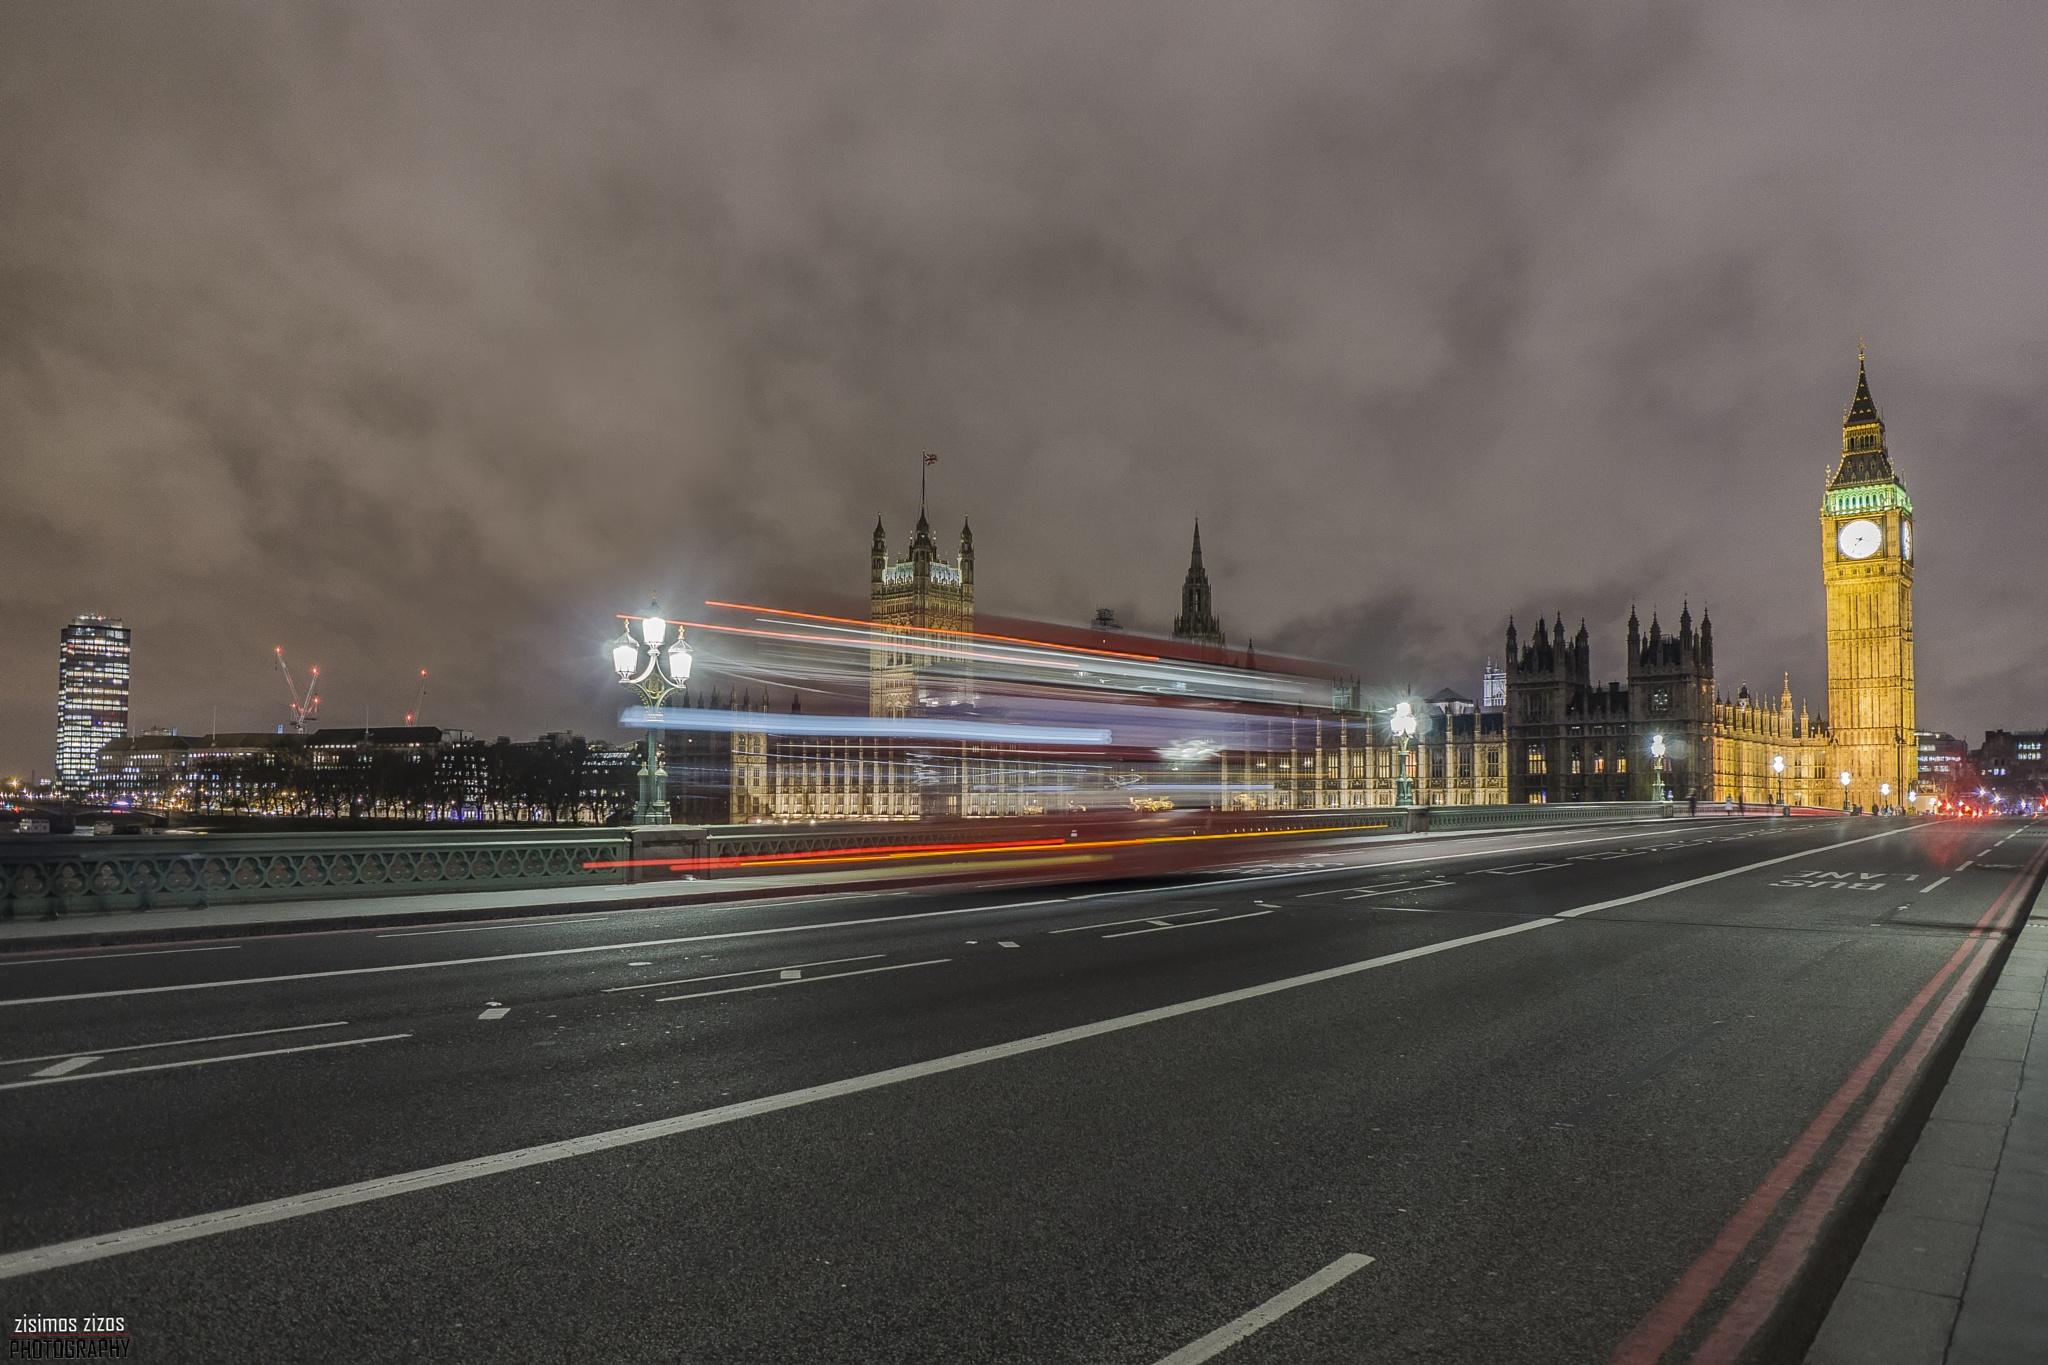 Westminster Bridge and Big Ben by Zisimos Zizos